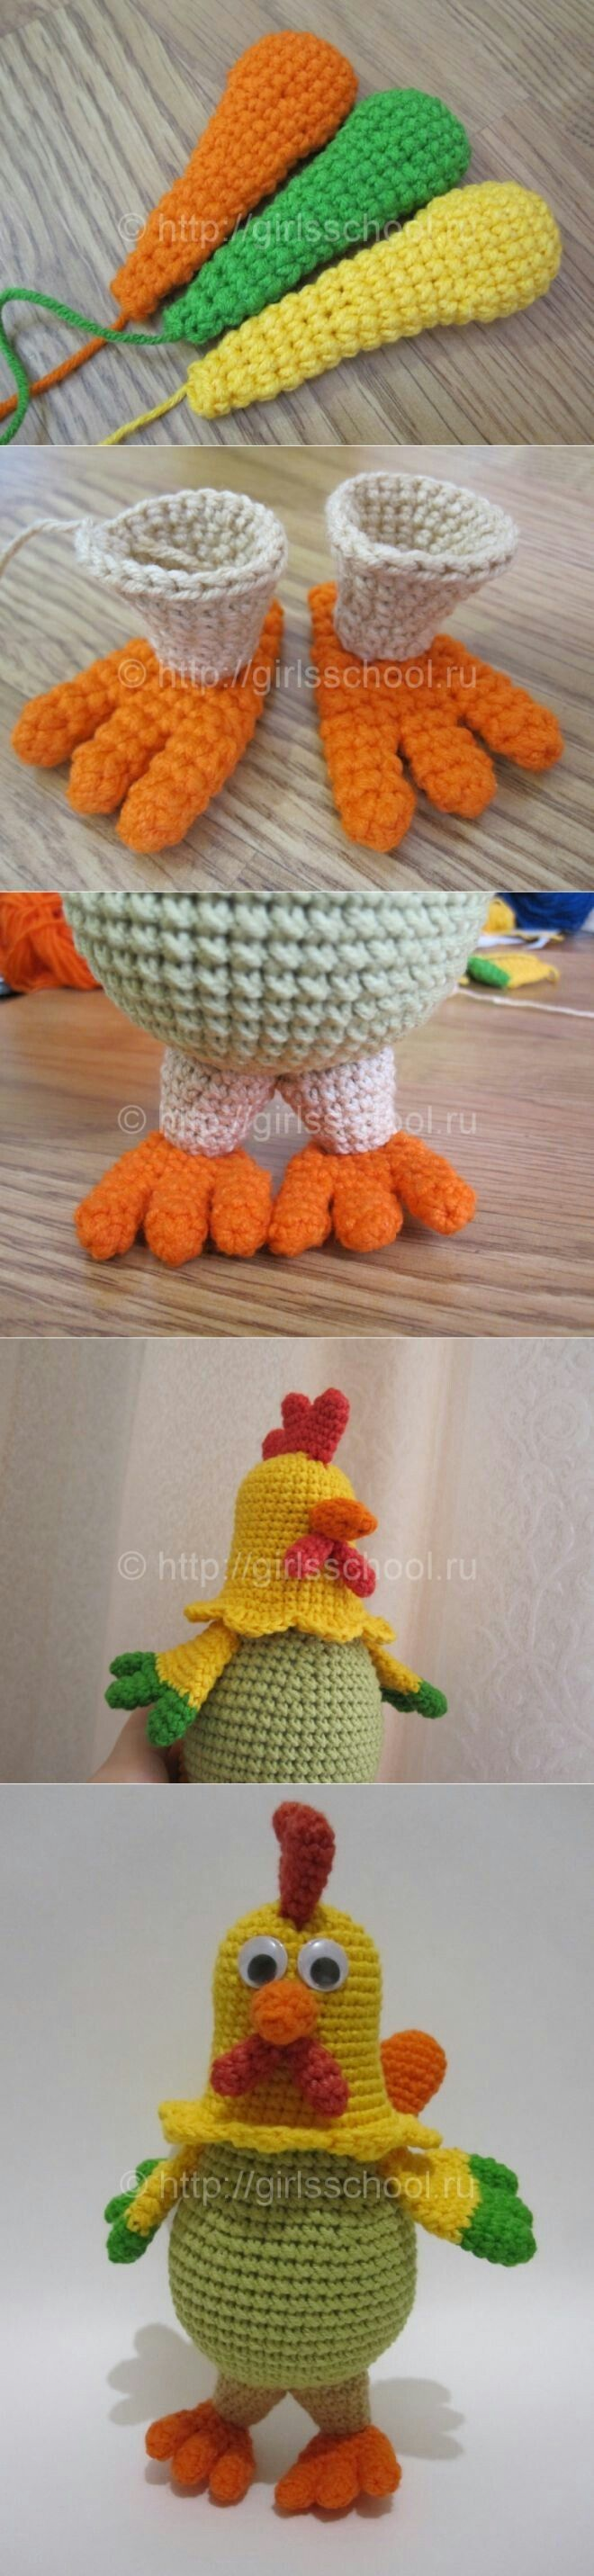 Pin de Divita en ropa mami   Pinterest   Patrones amigurumi, Crochet ...